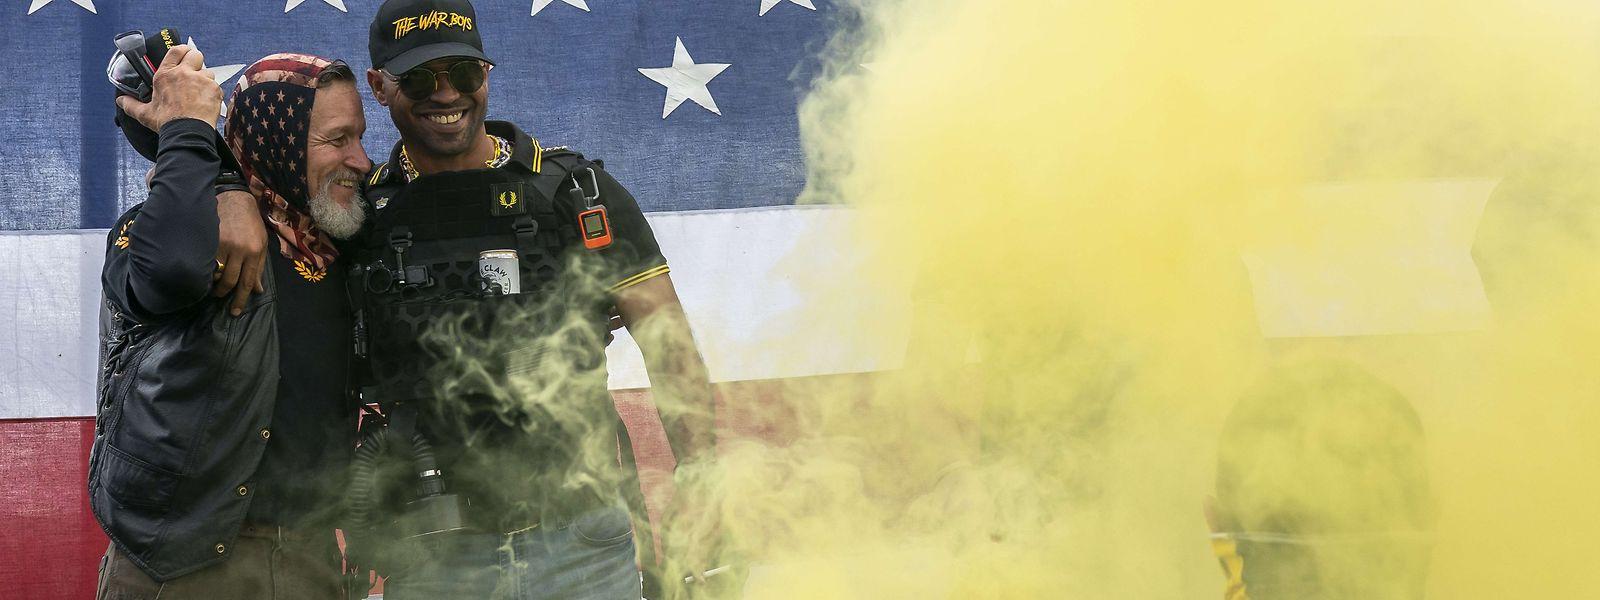 Elementos da milícia de extrema-direita Proud Boy. Num comício a 26 de setembro em Portland.